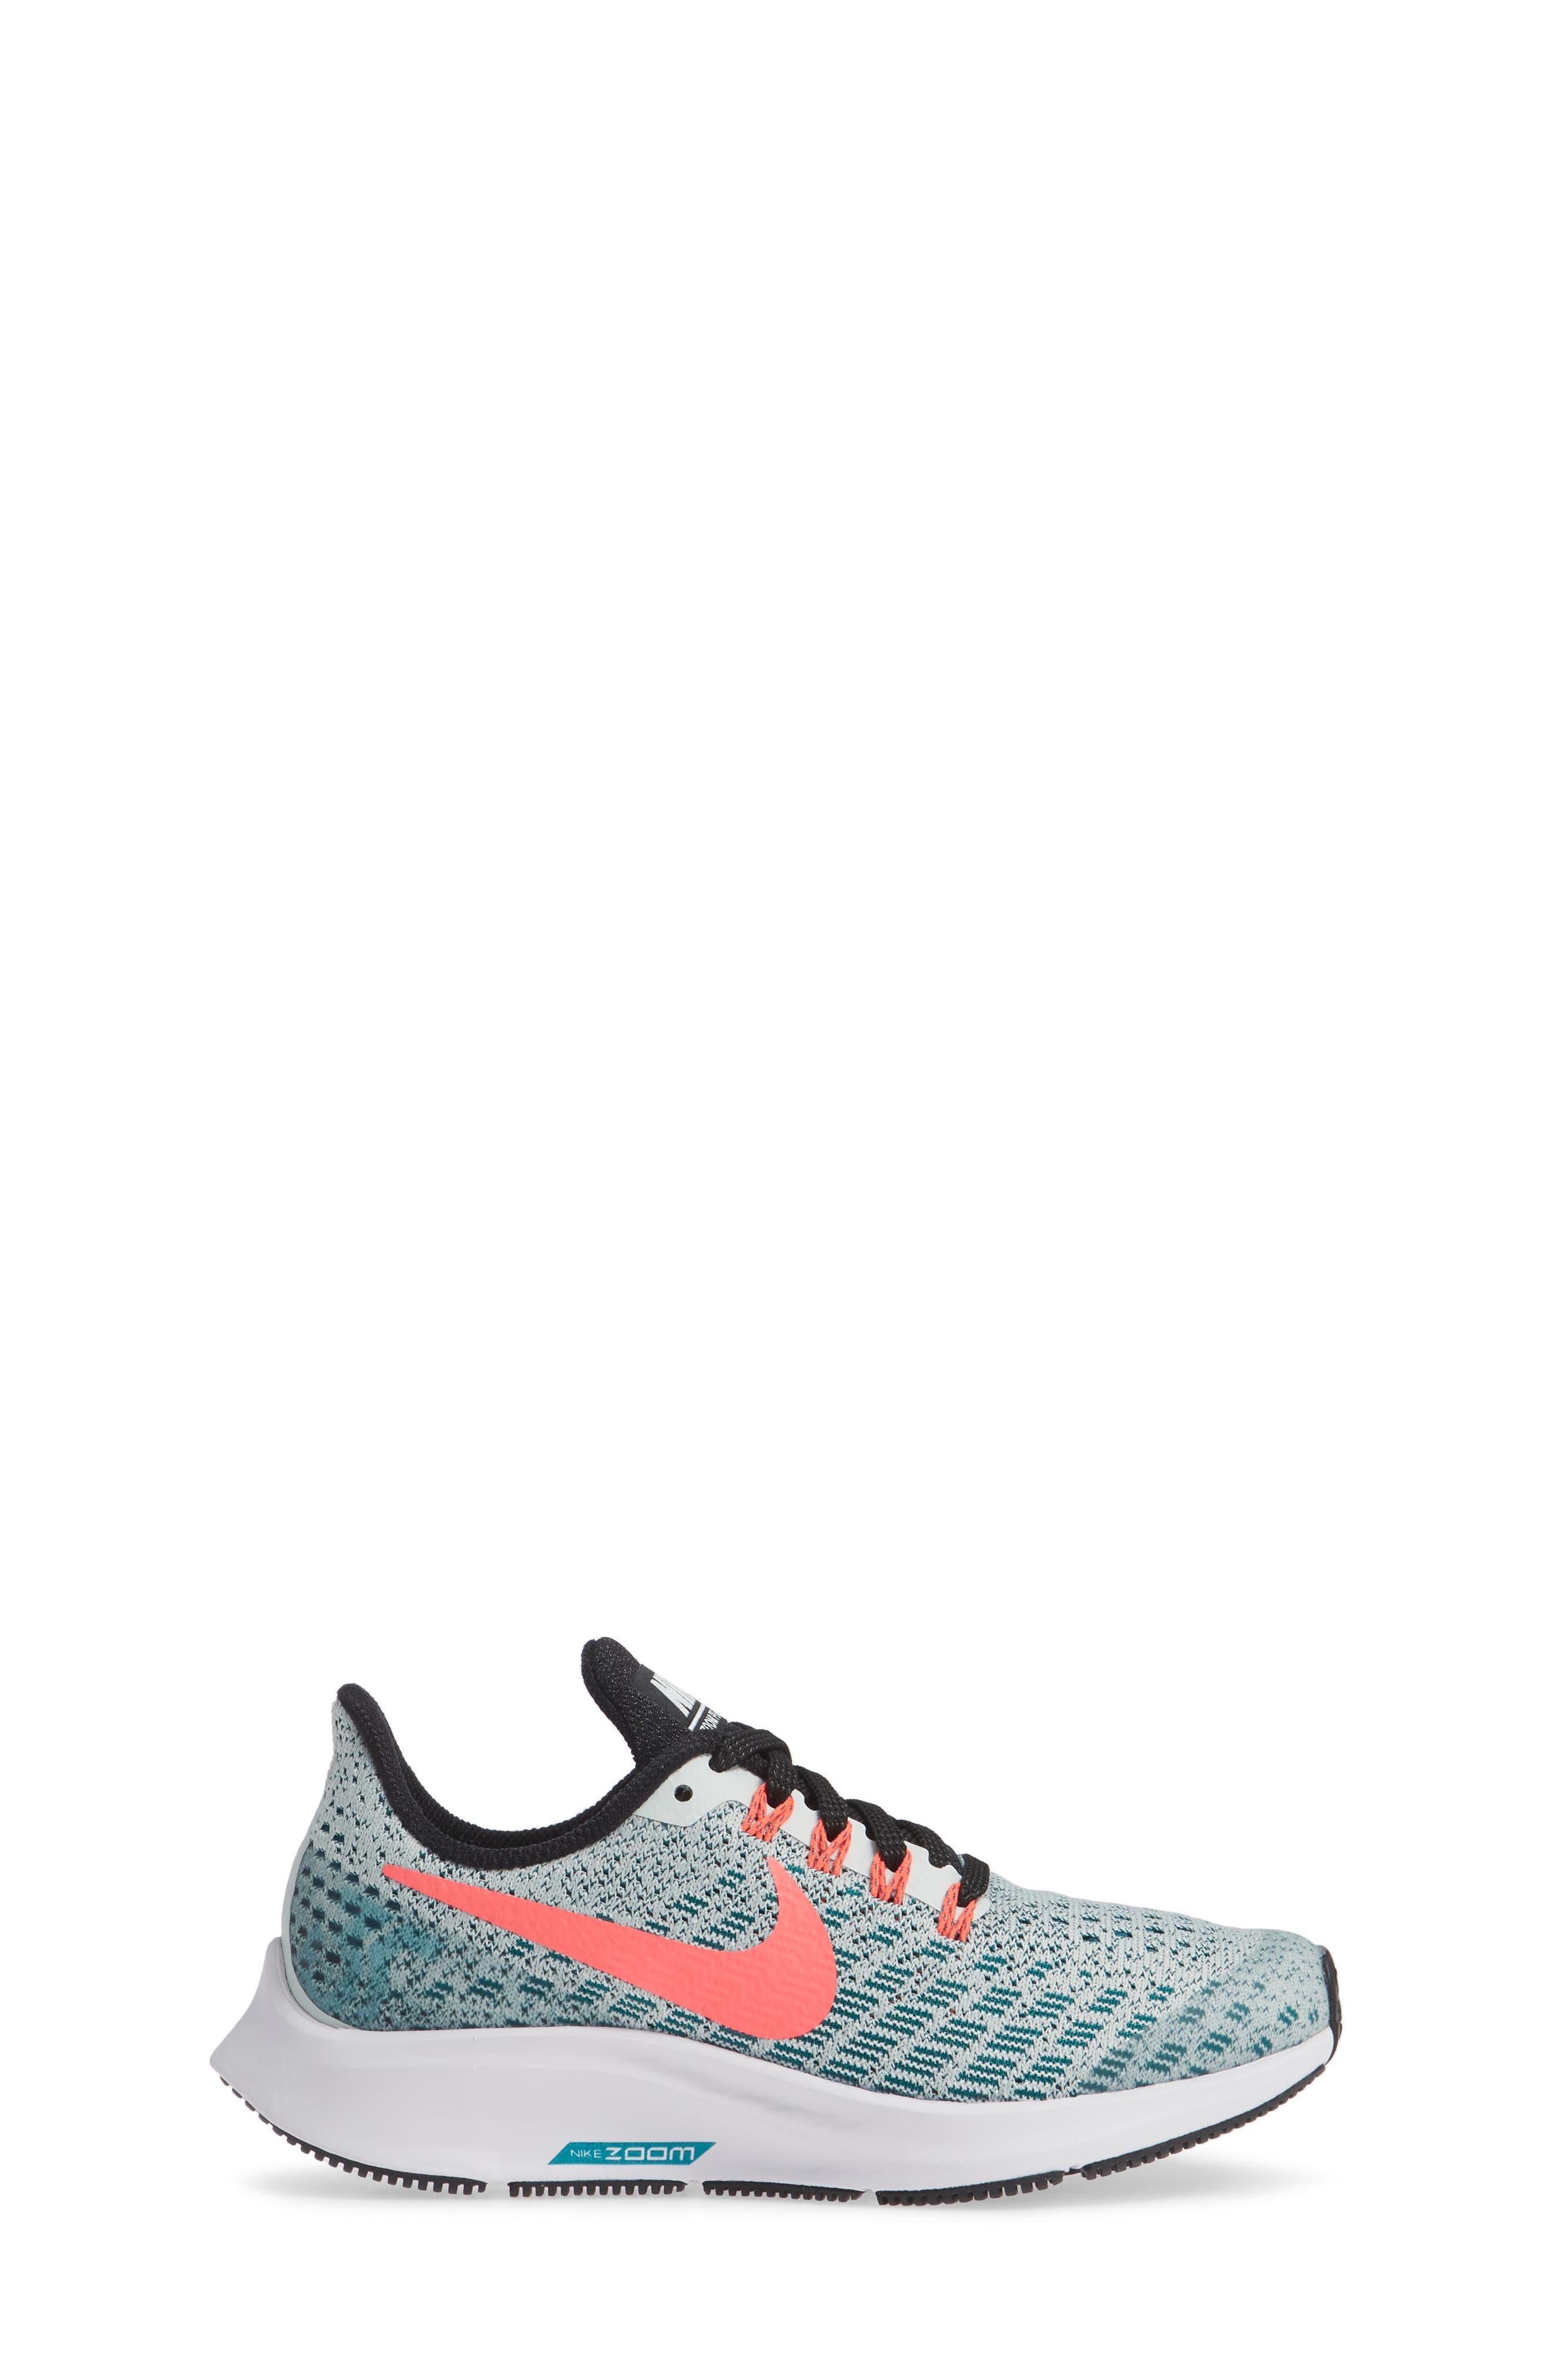 Air Zoom Pegasus 35 Sneaker,                             Alternate thumbnail 3, color,                             Grey/ Hot Punch/ Teal/ Black